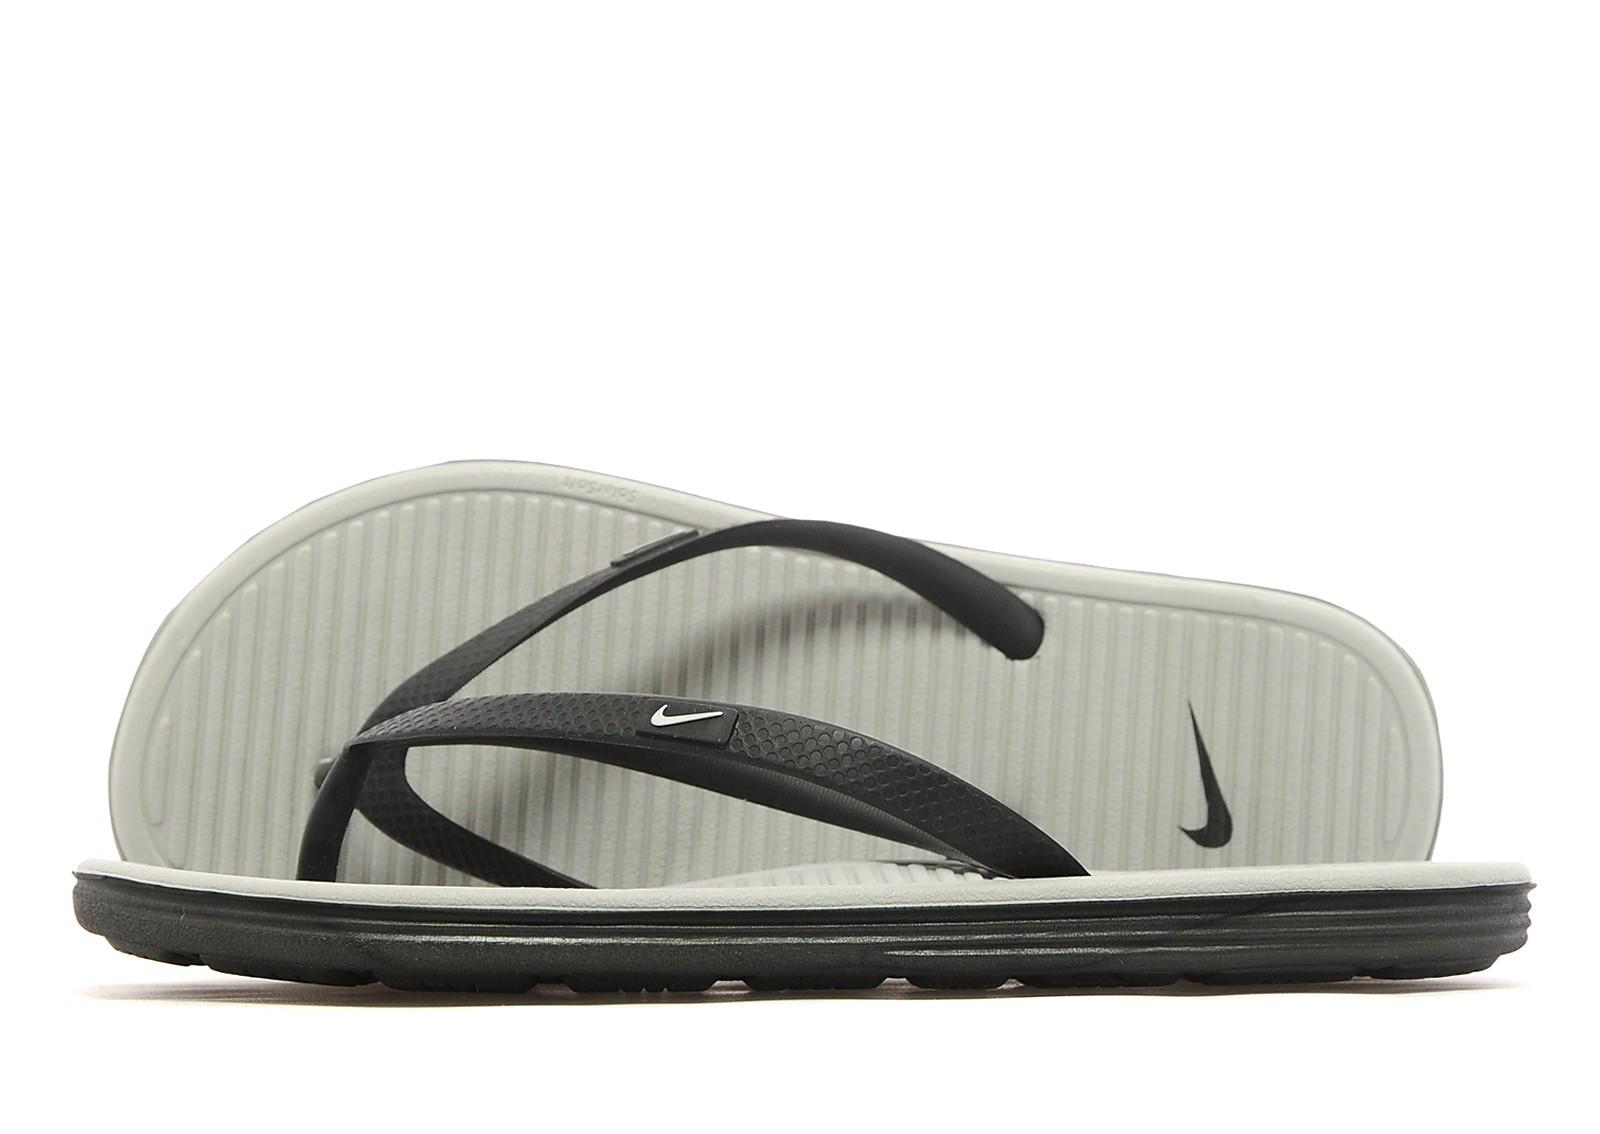 d8d3413f0cfc Nike Solarsoft II Flip Flops Women s - Black Silver - Womens ...